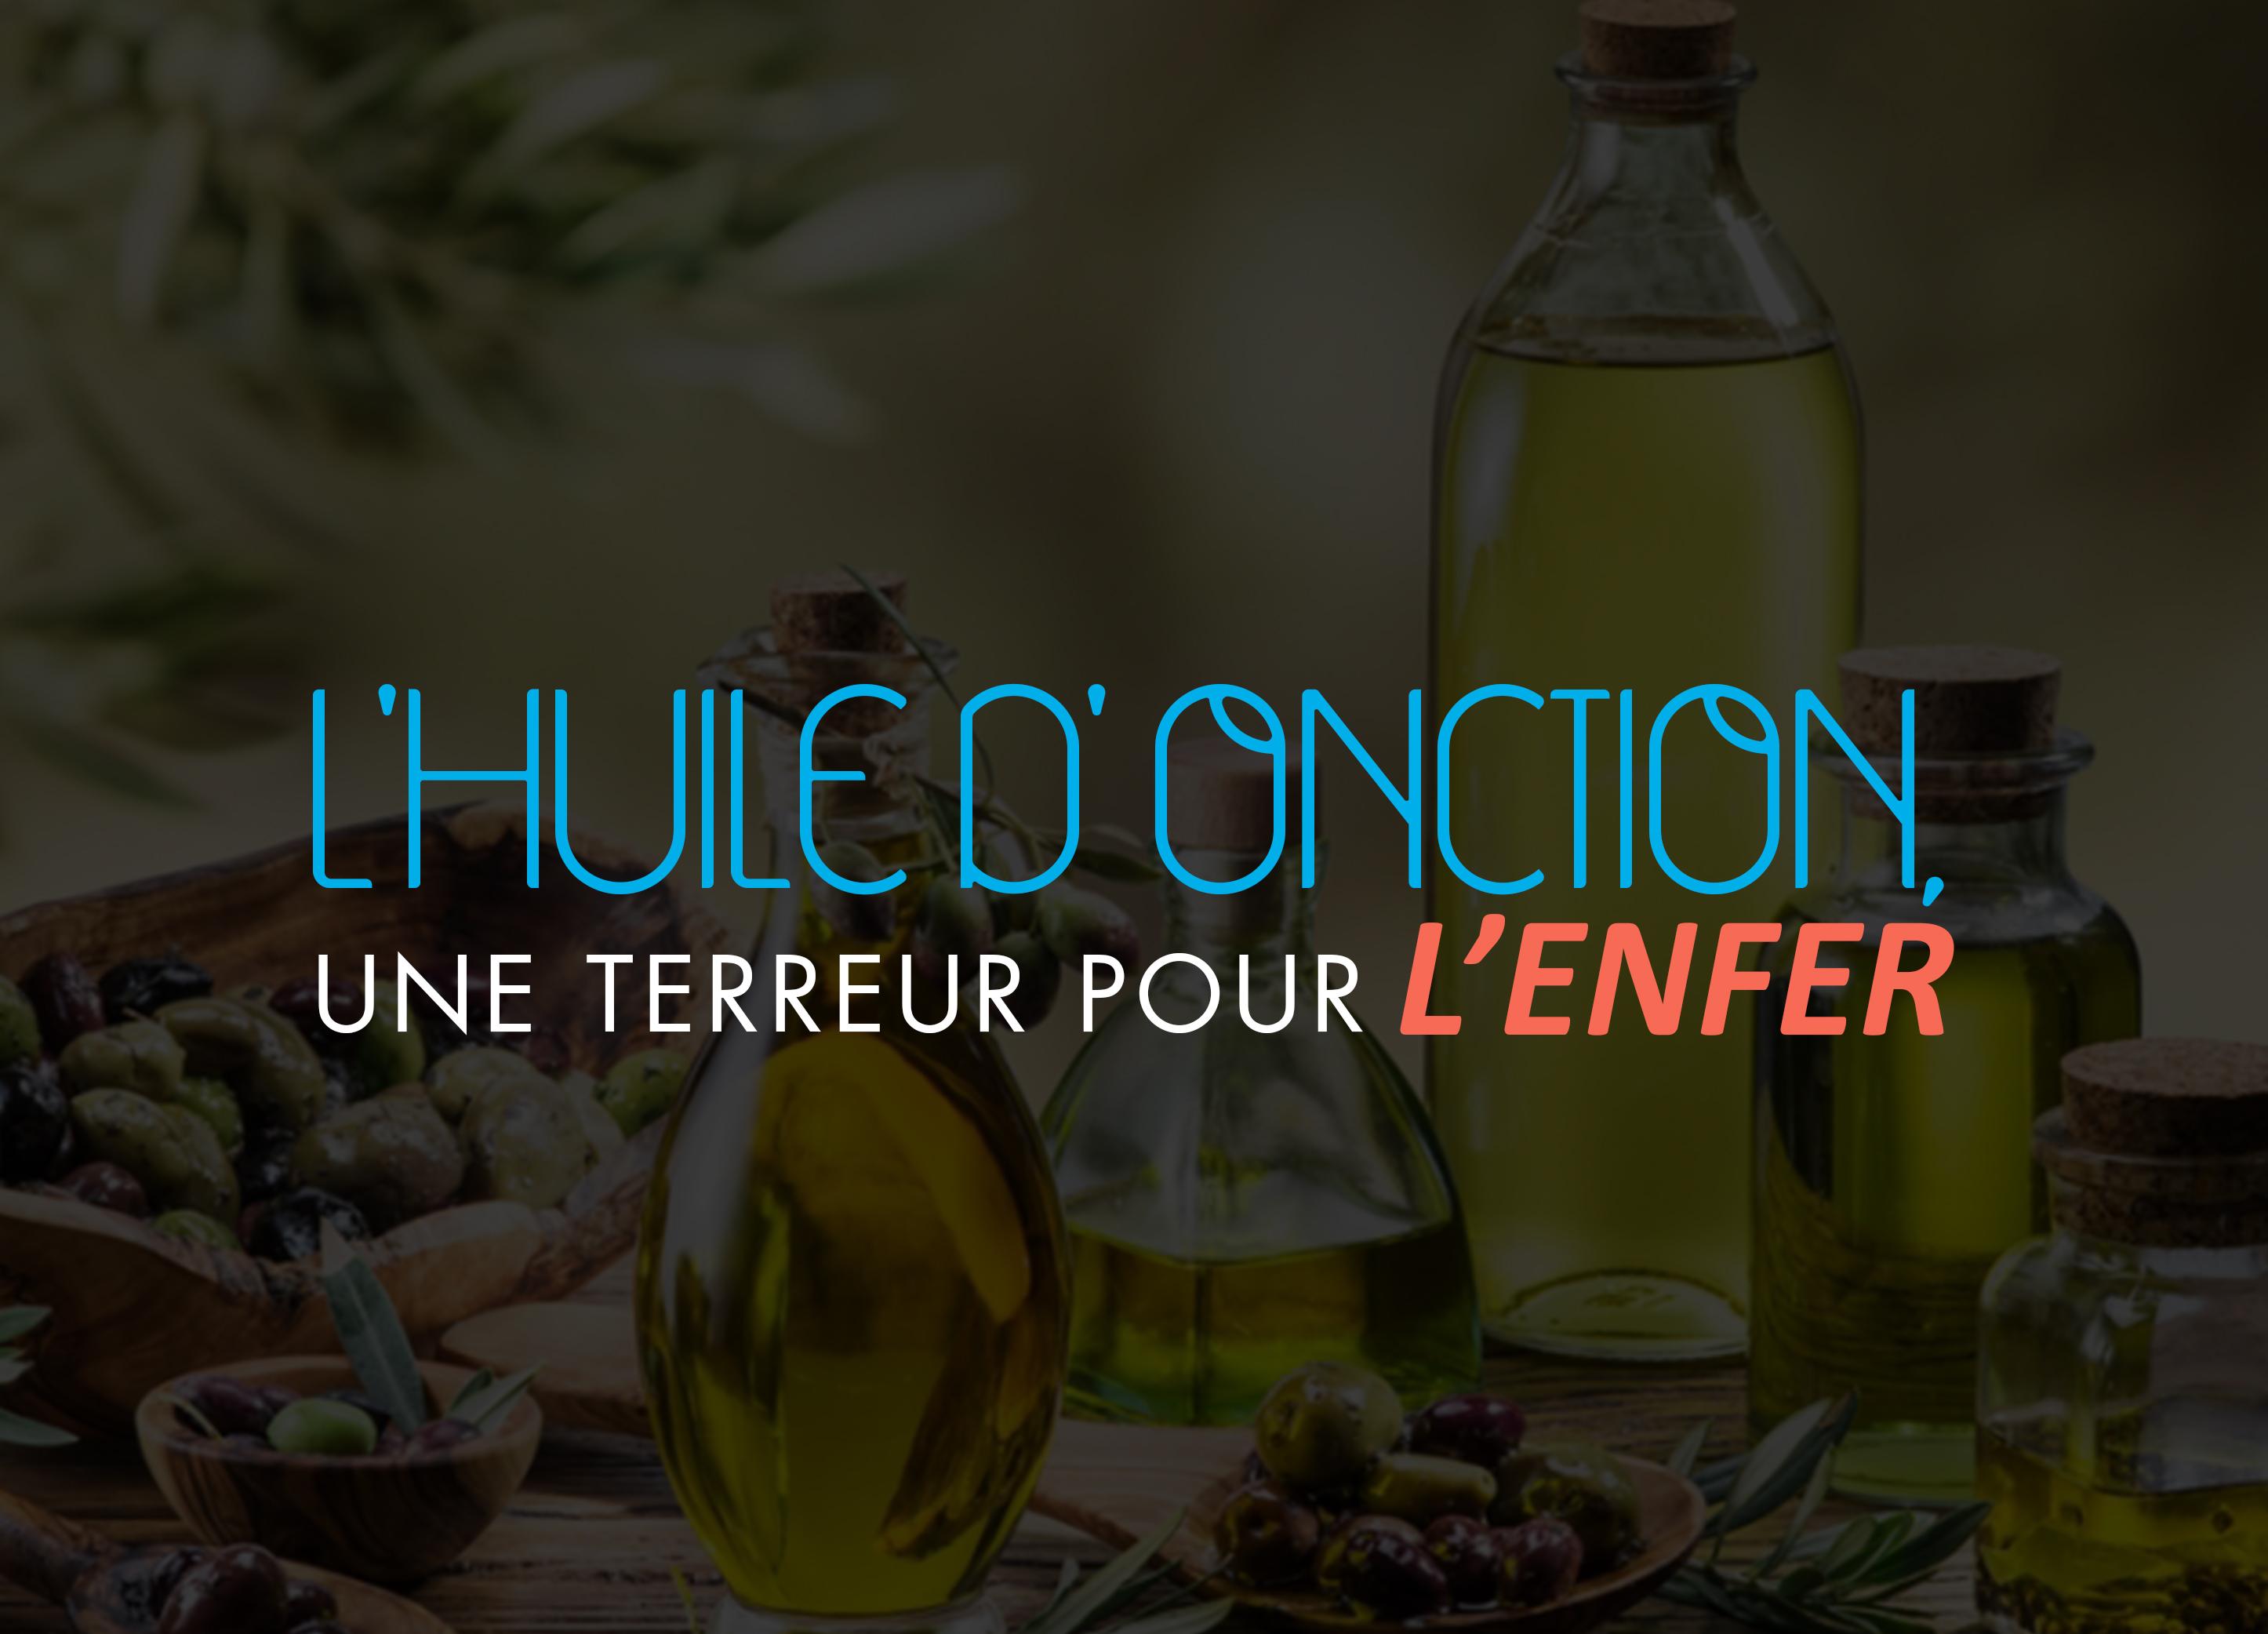 L'huile d' onction, une terreur pour l'enfer